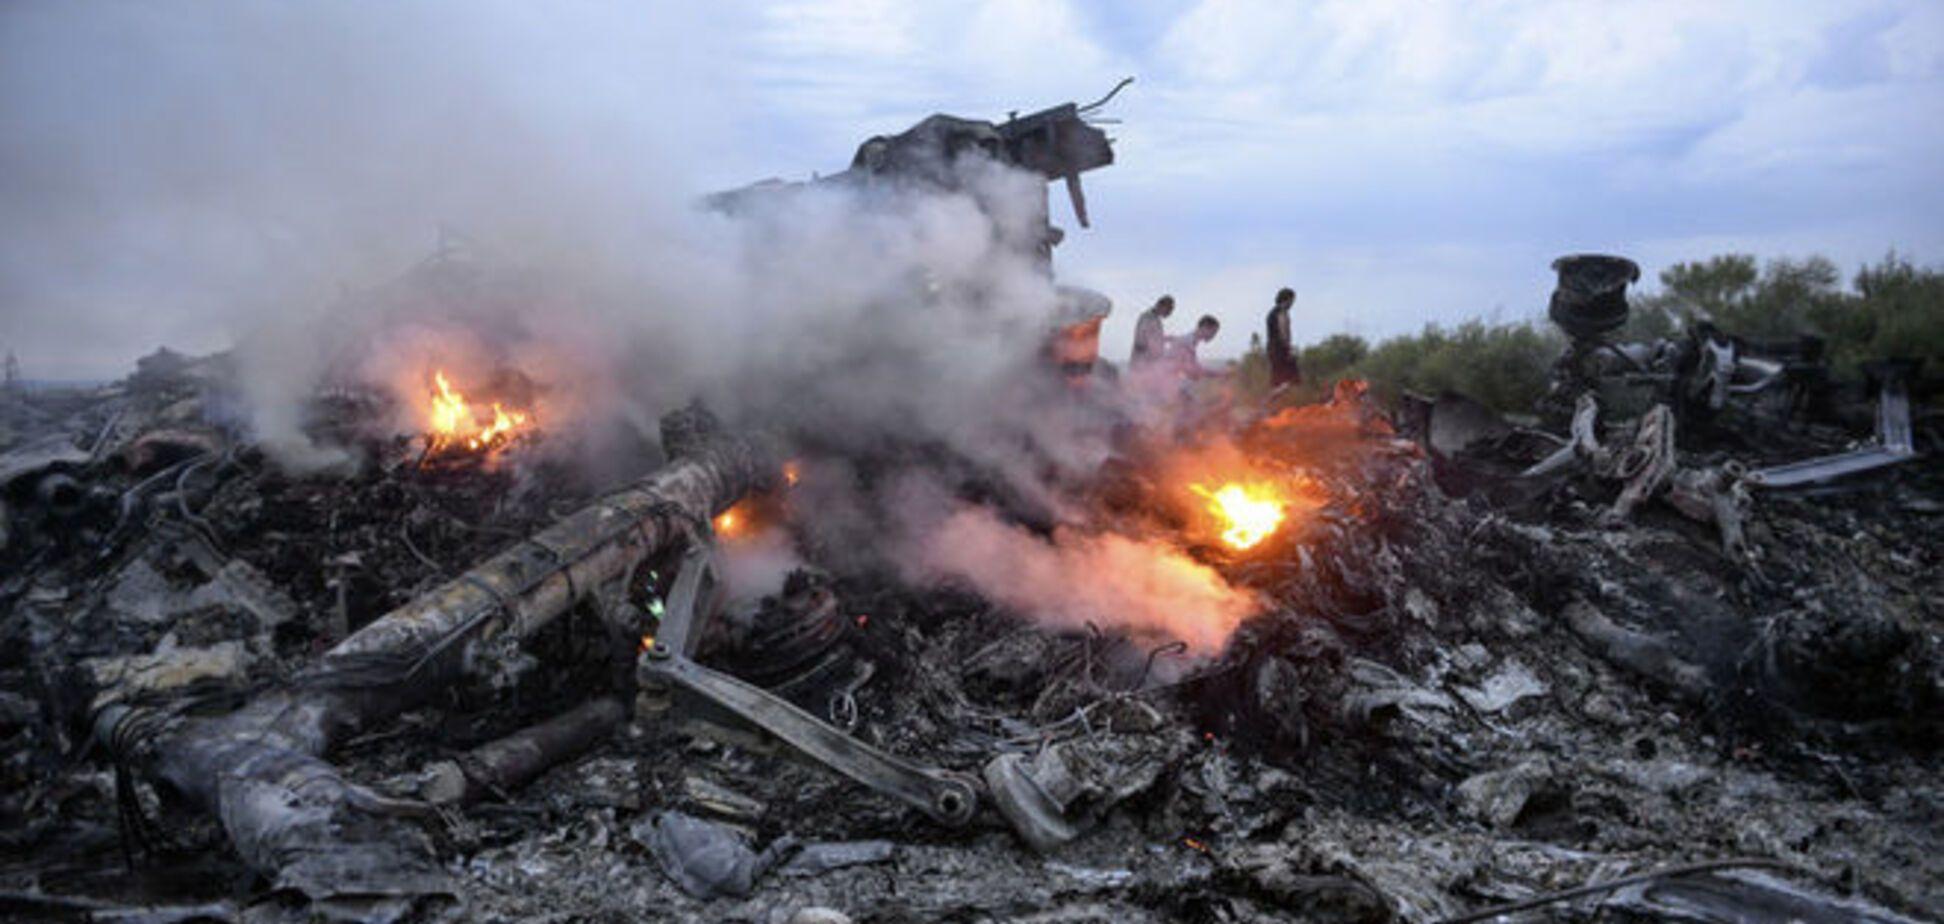 Крах Boeing-777: у російського МЗС трапилася чергова істерика